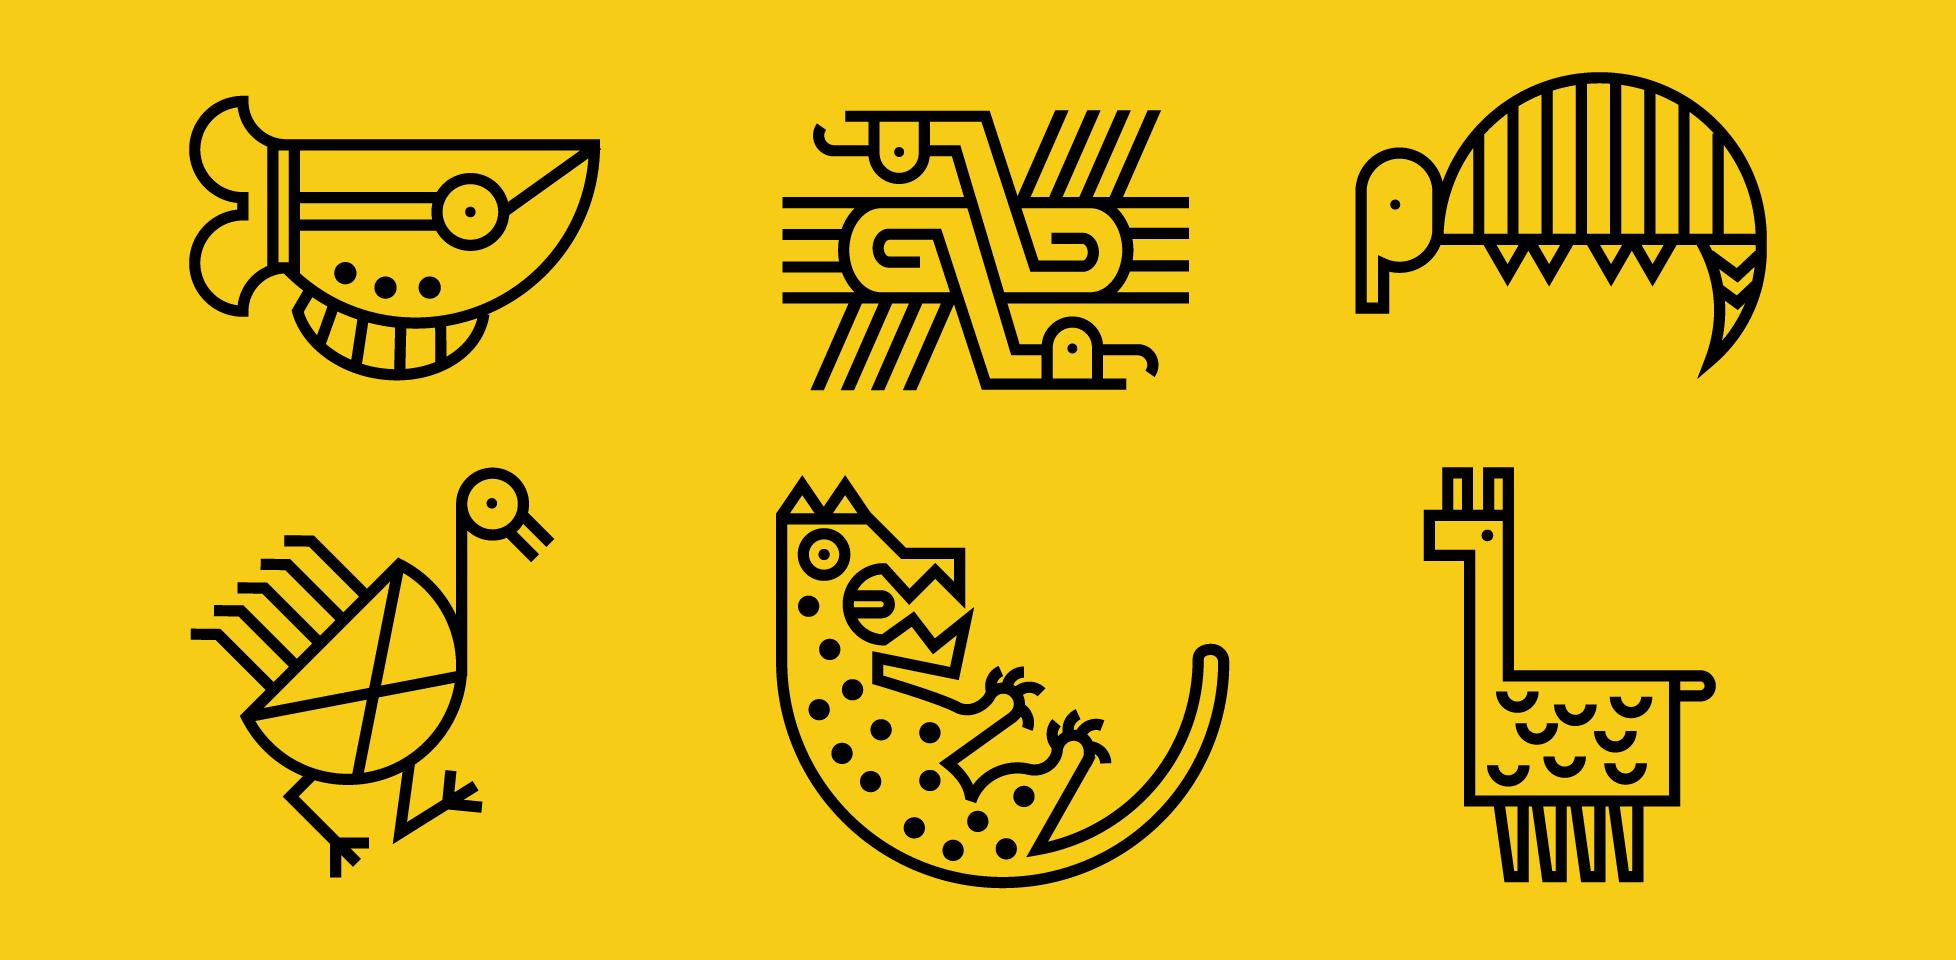 40 best free icon sets, Spring 2015   Webdesigner Depot